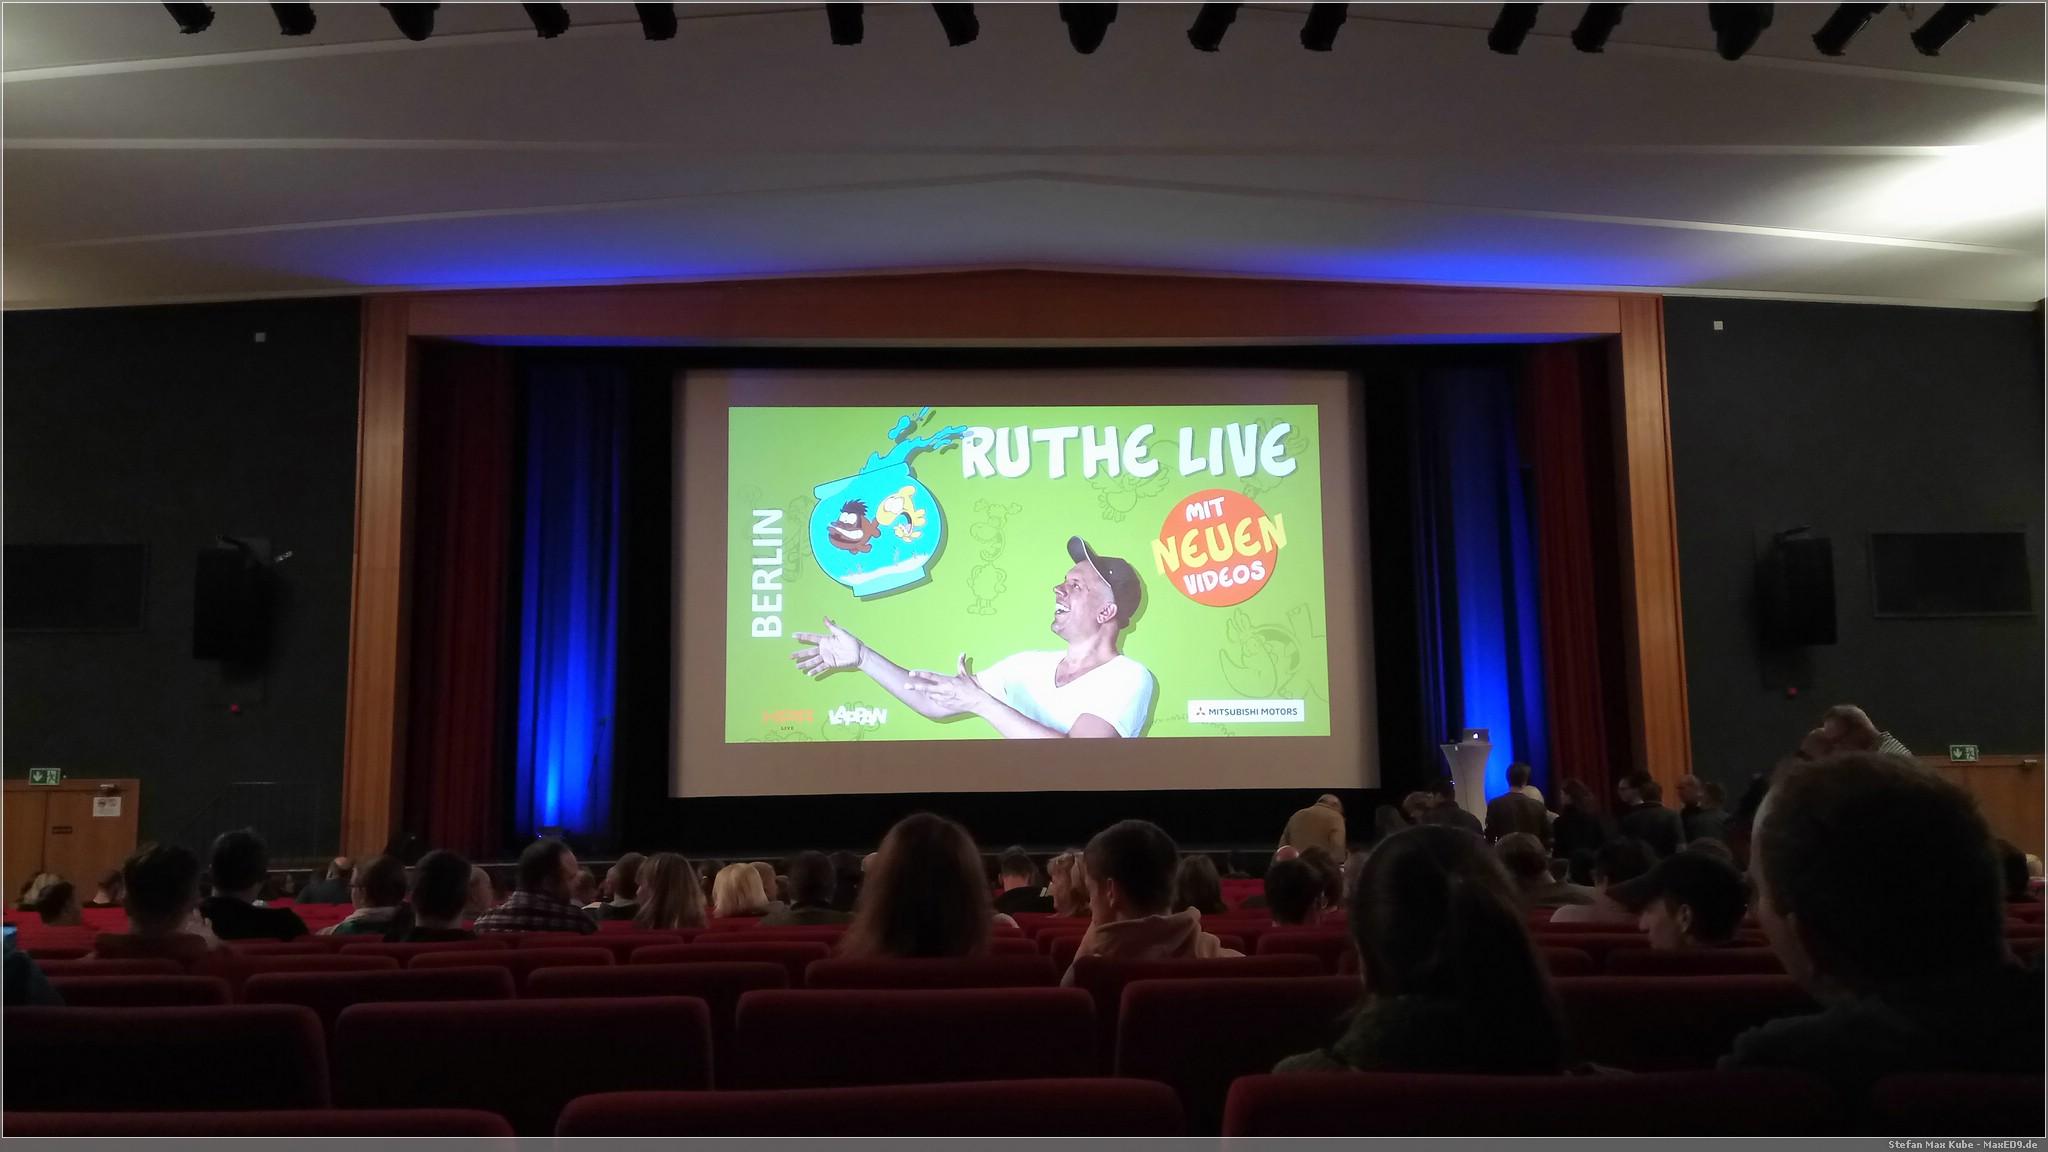 Ralph Ruthe live (noch nicht alle da, aber es war voll)